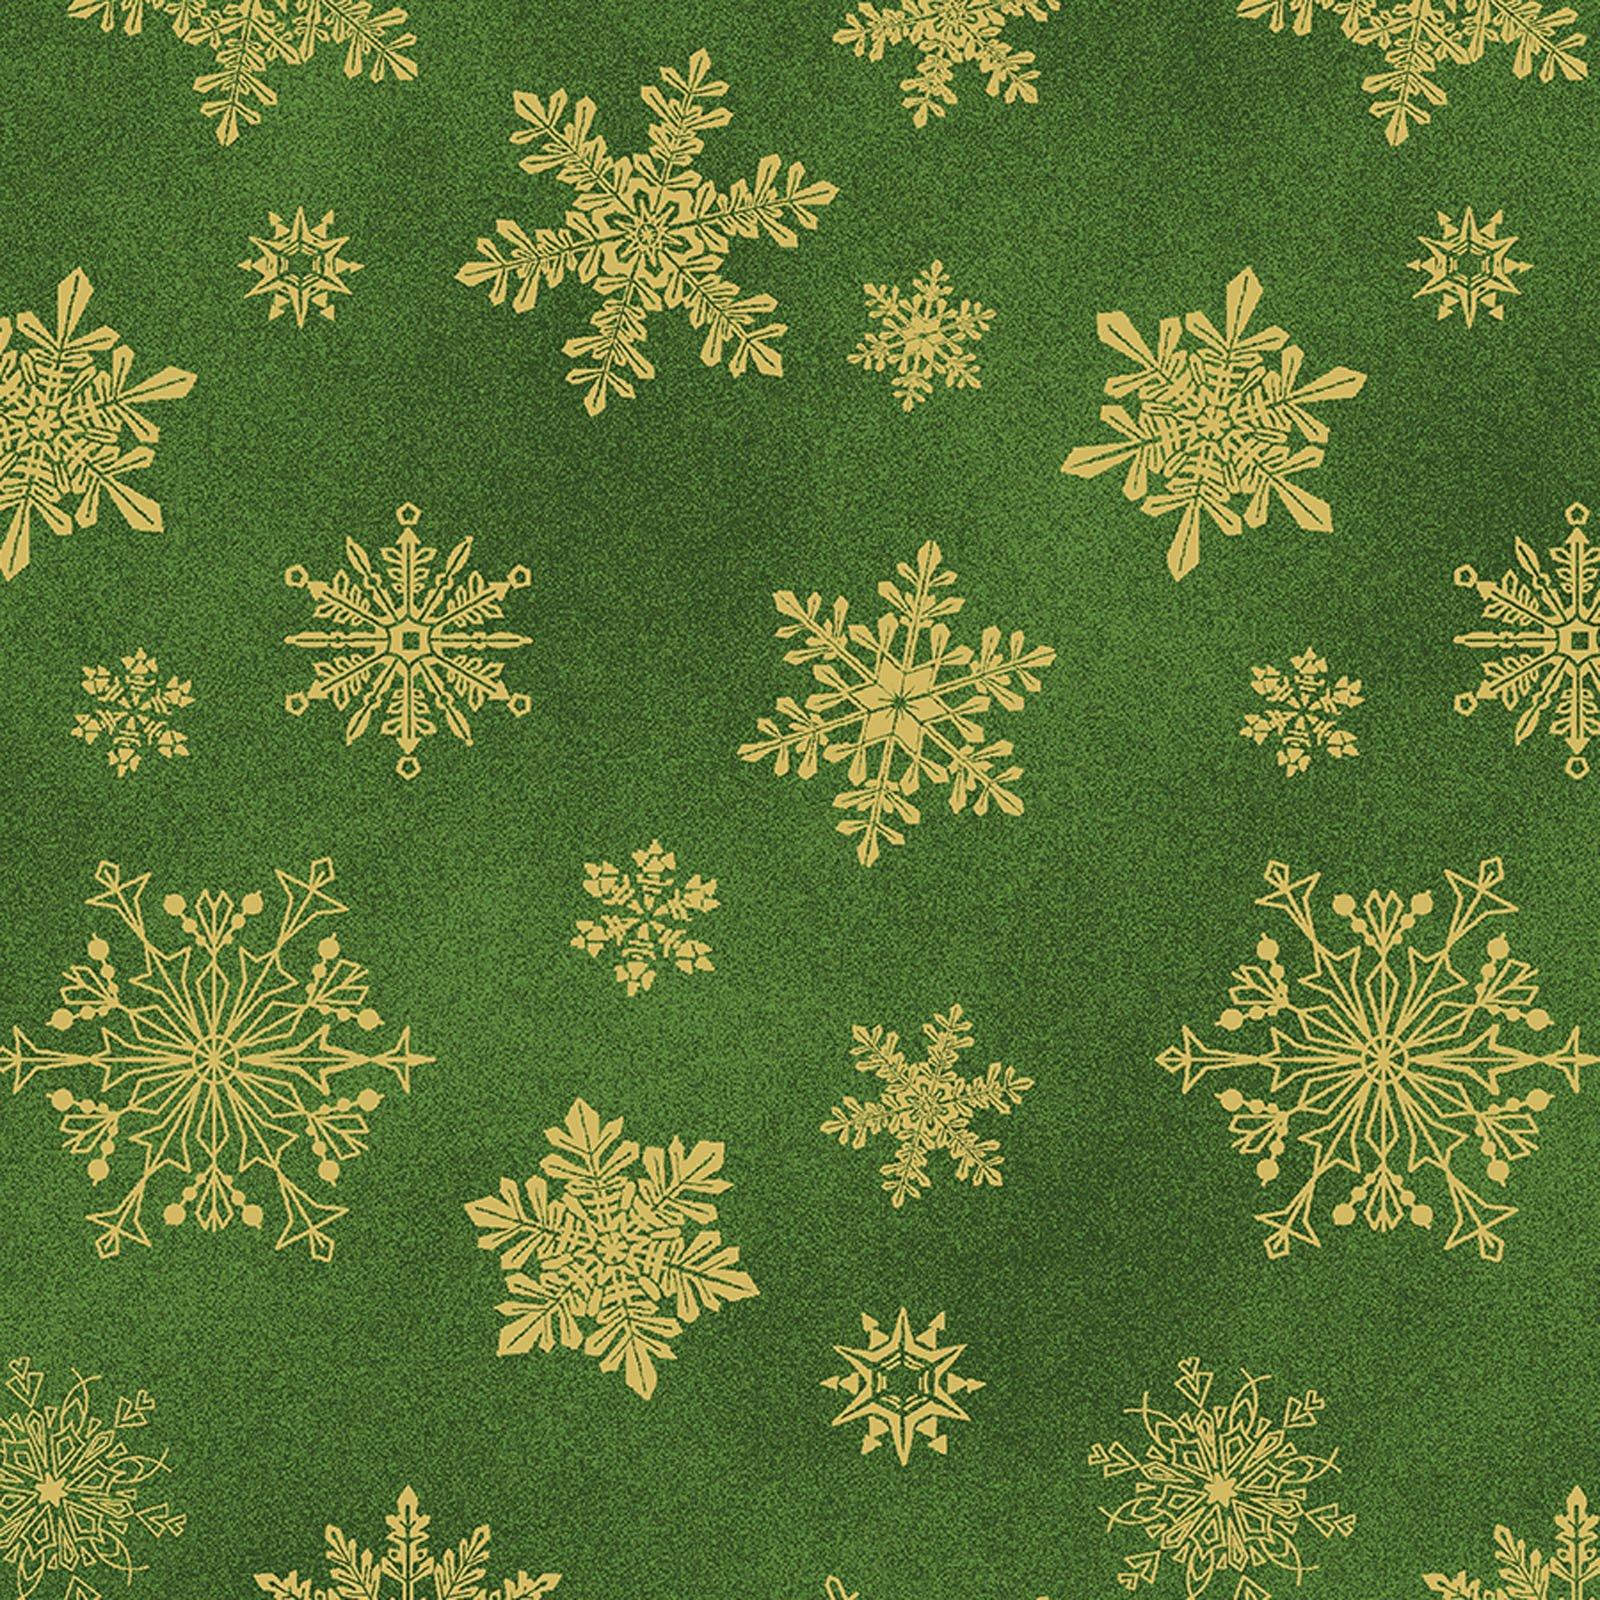 Playful Flakes Dk Green<br/>Benartex 6747M-45